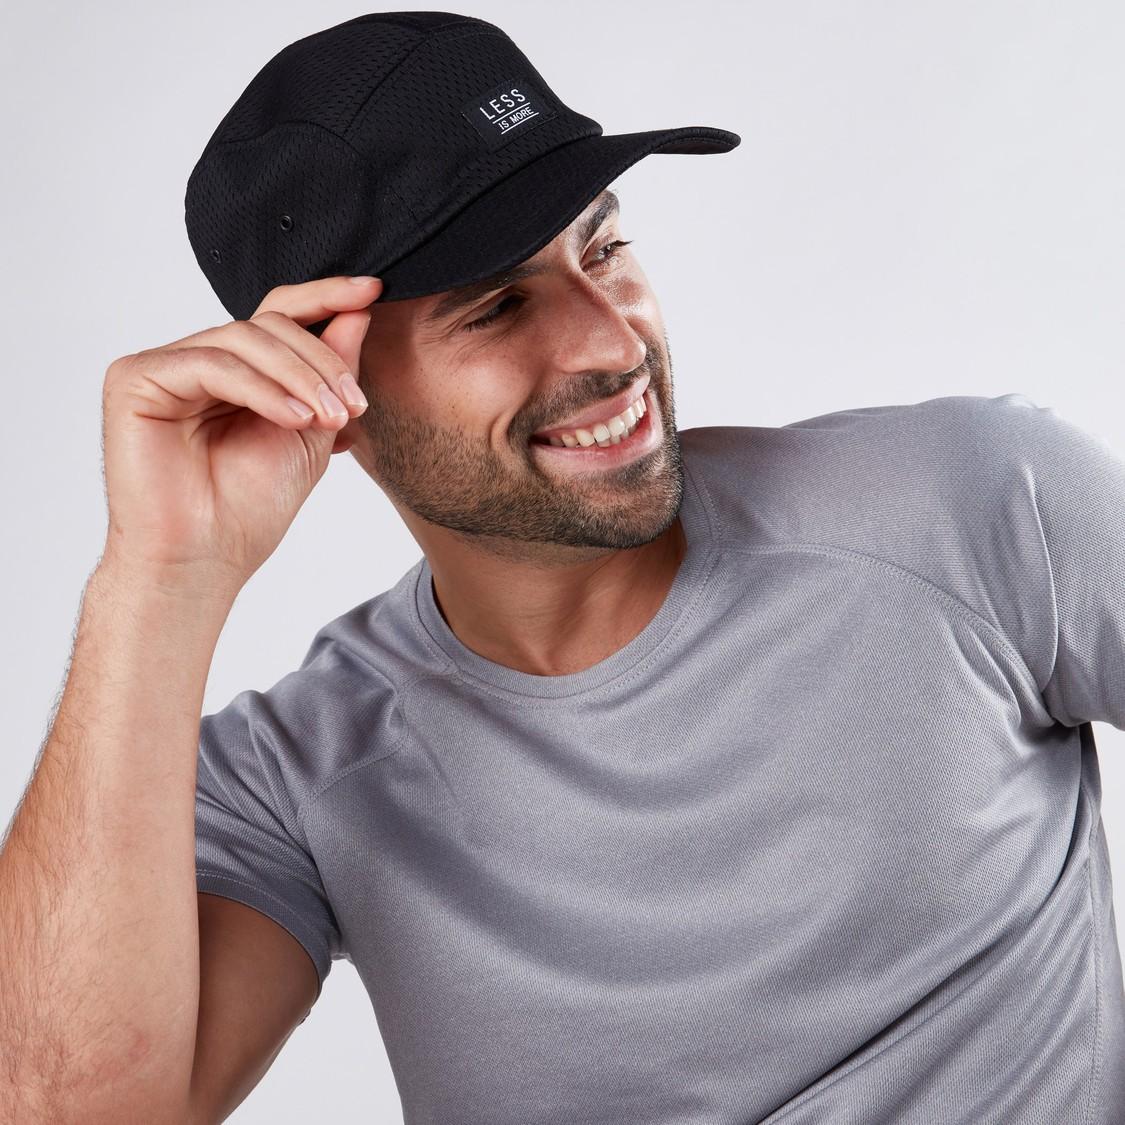 قبعة كاب بحزام خلفي قابل للتعديل